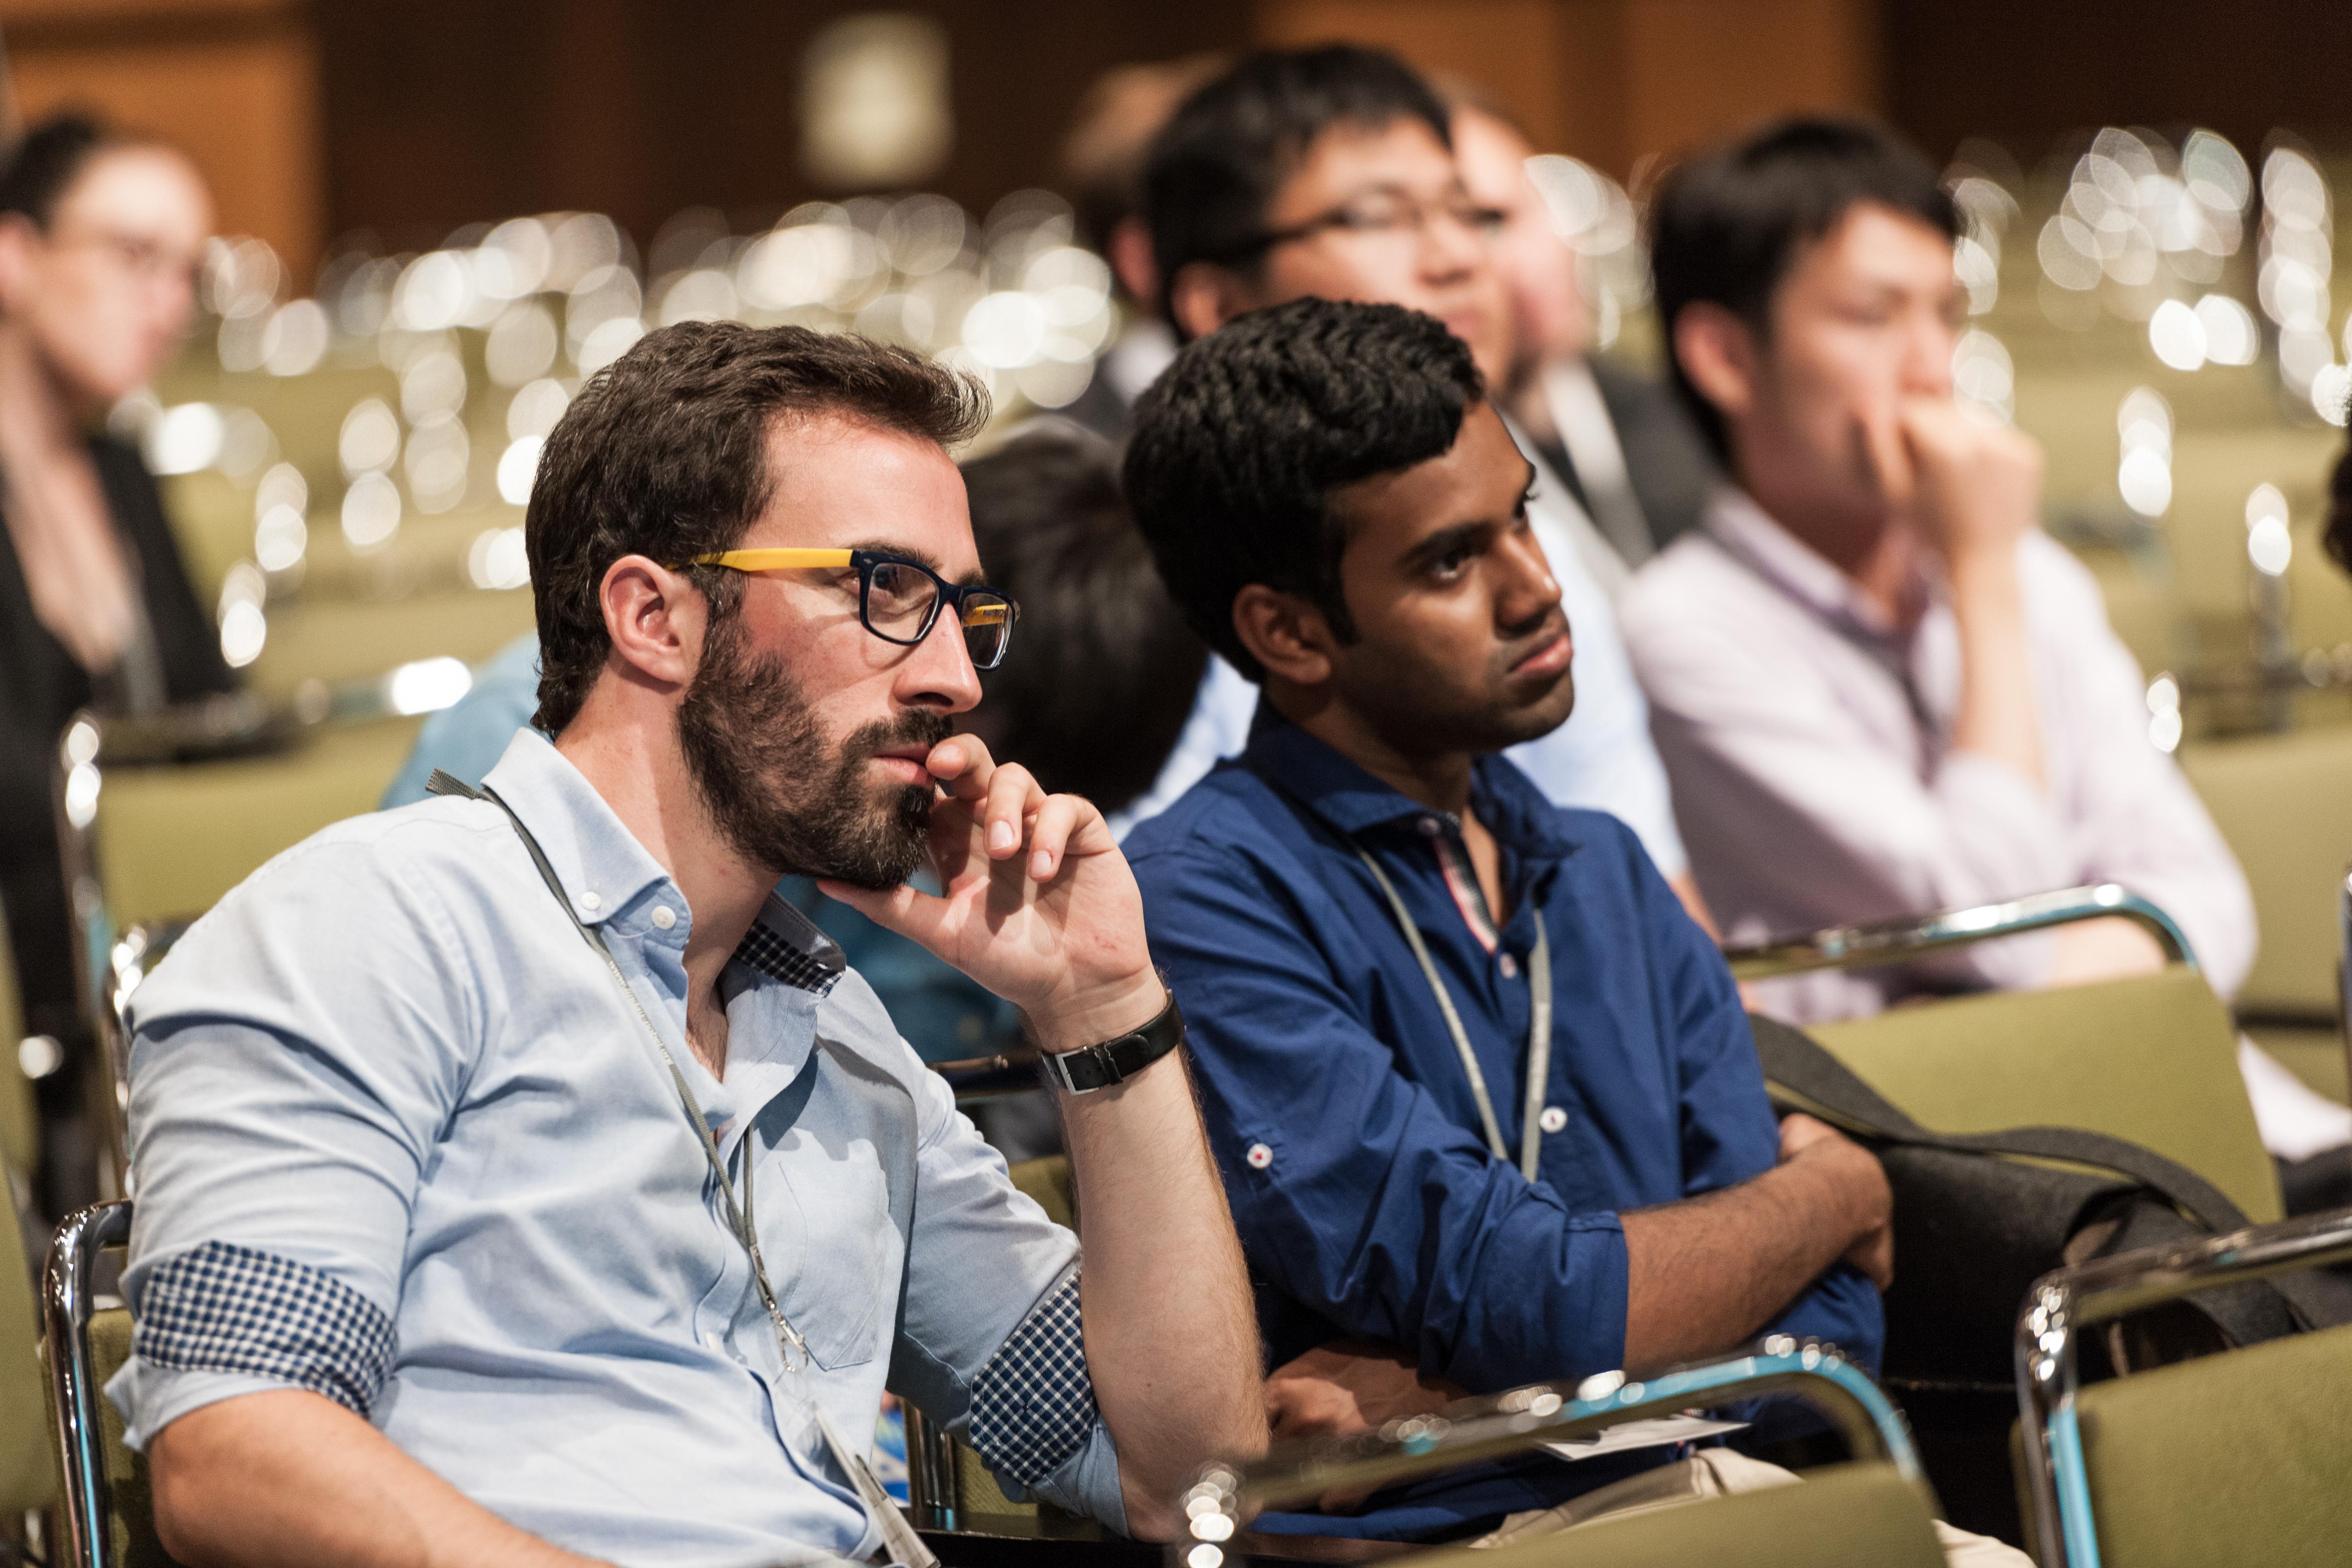 Young Scientists im Fachgespräch mit Serge Haroche, Foto: LNLM